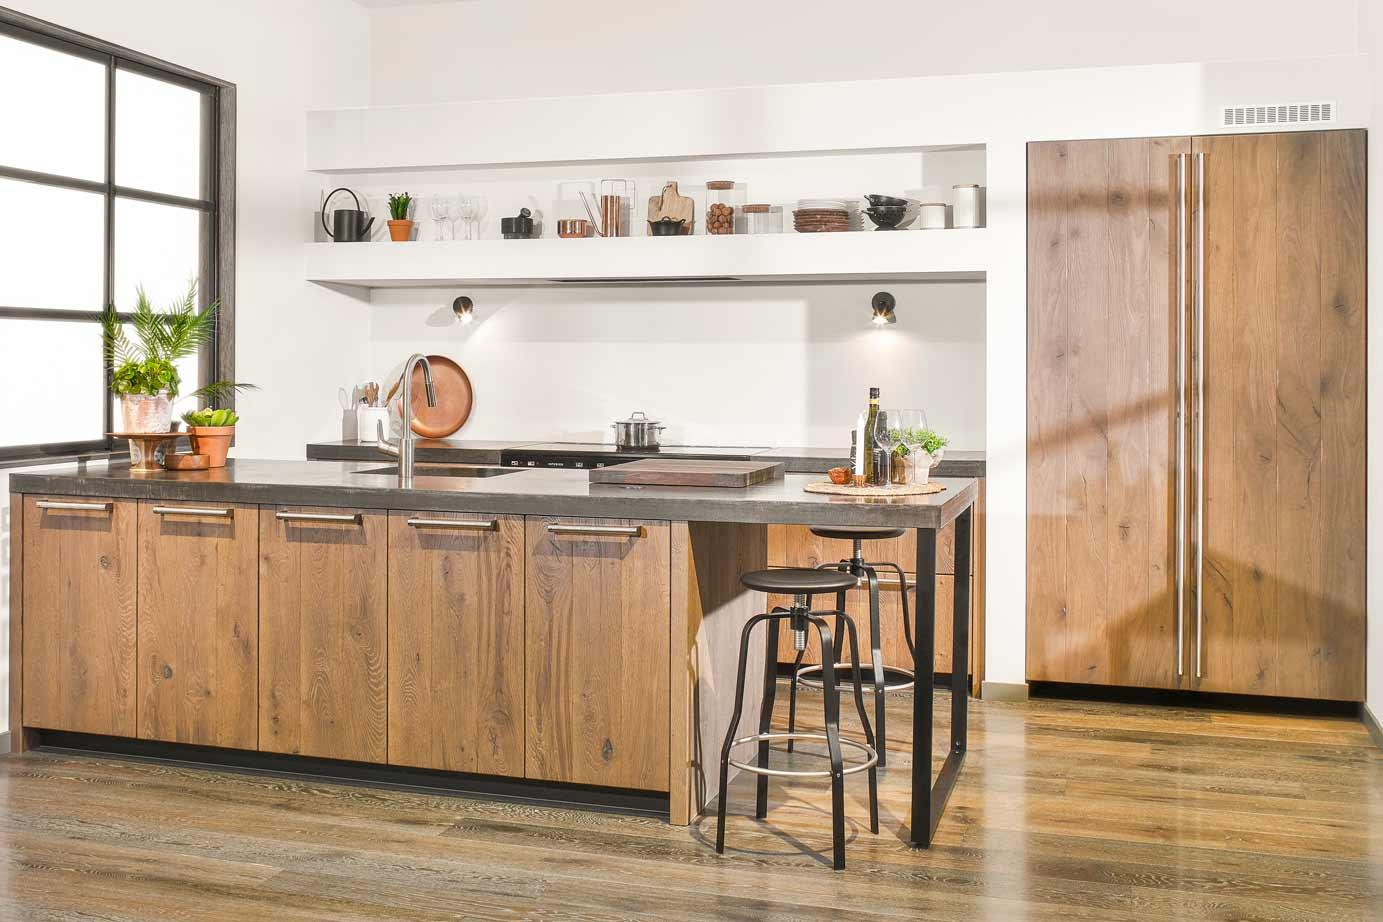 Keuken Met Beton : Ruw met beton handgemaakte houten keukens van meubelmaker jp walker